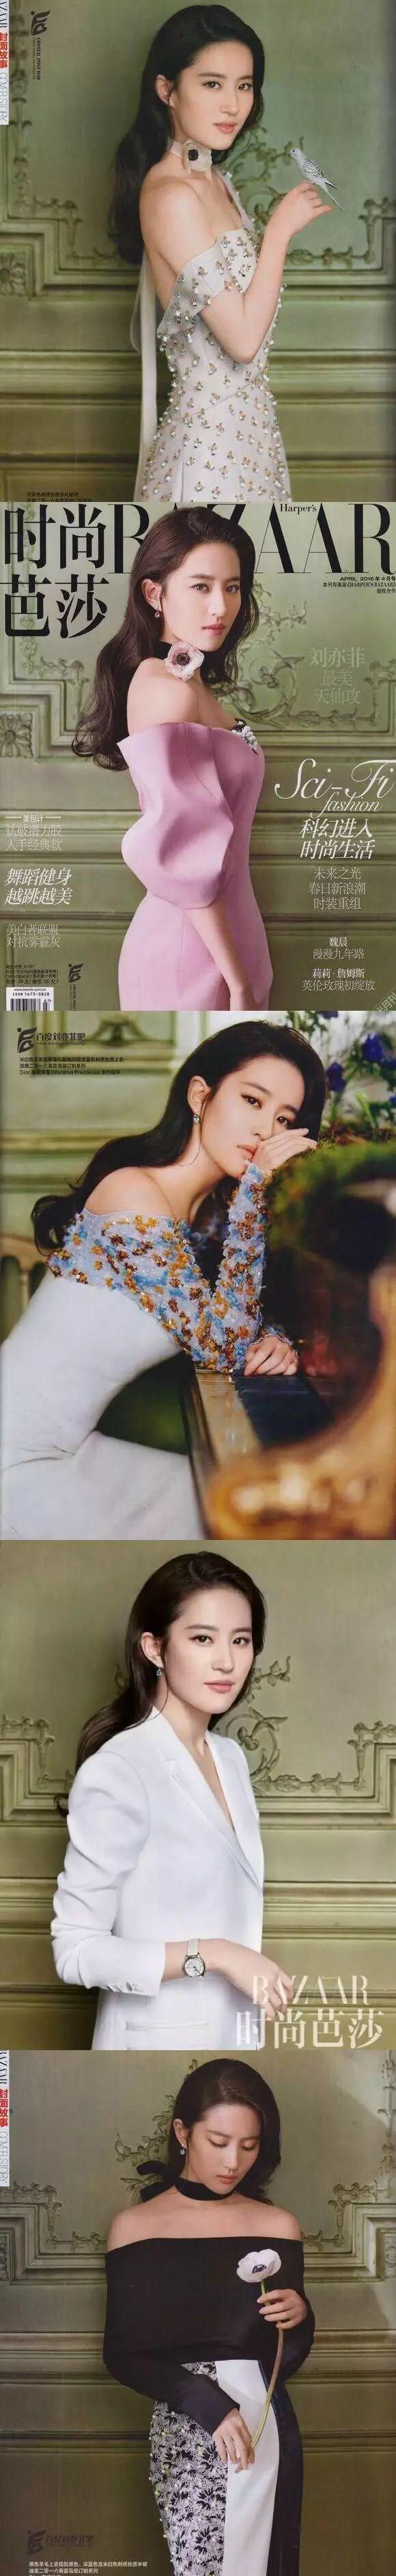 有一种美叫刘亦菲-第2张图片